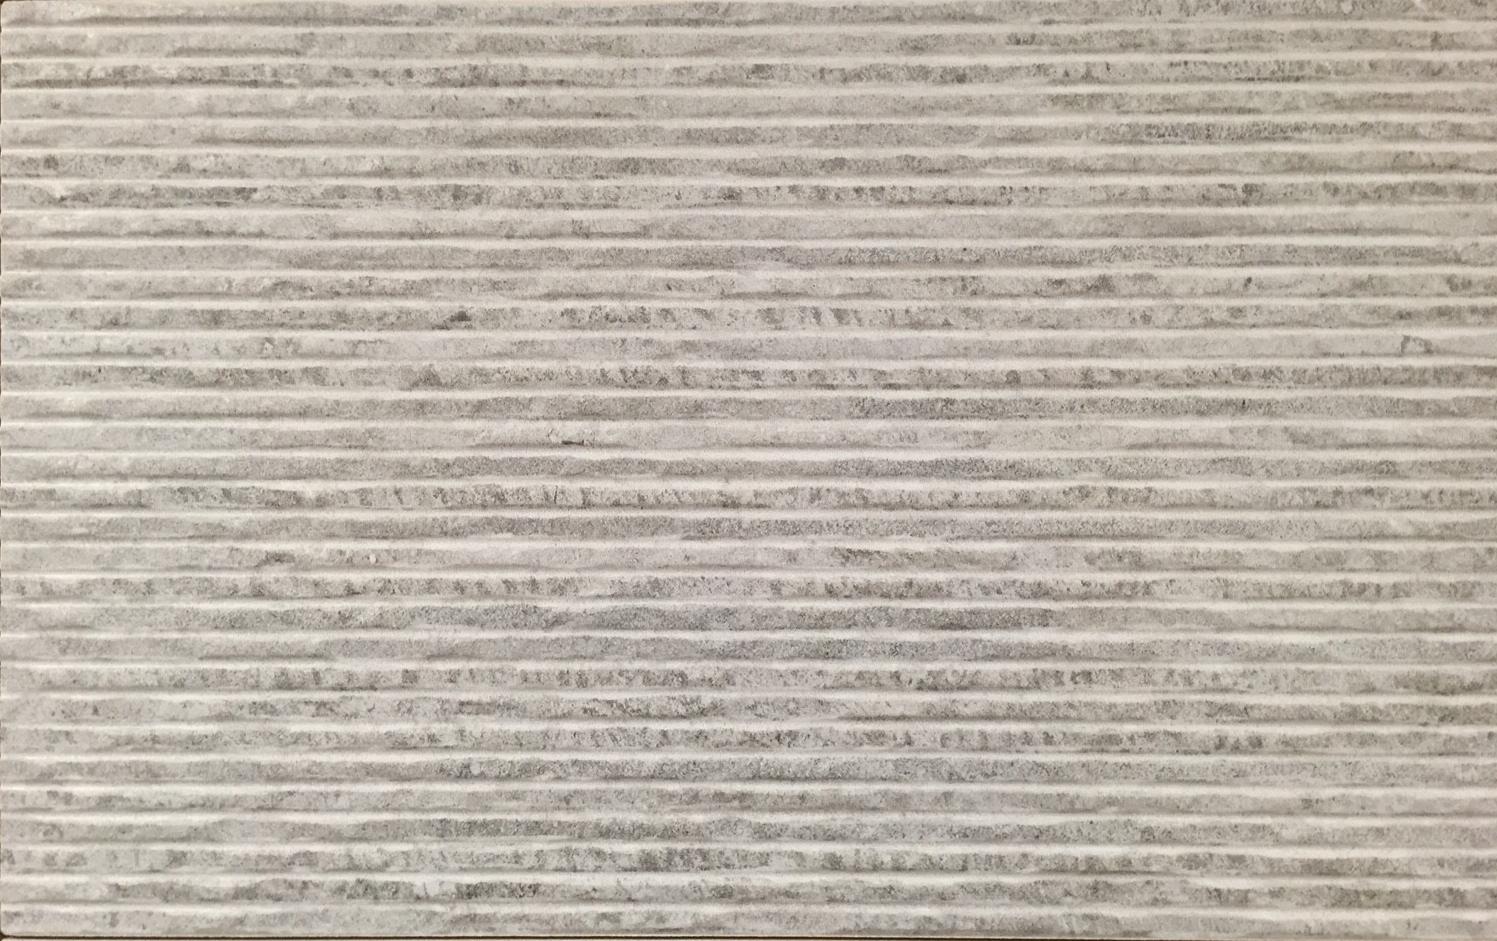 Park Lineal Gris Wall Tile 20x31 6 Tiles 2 Go Ltd